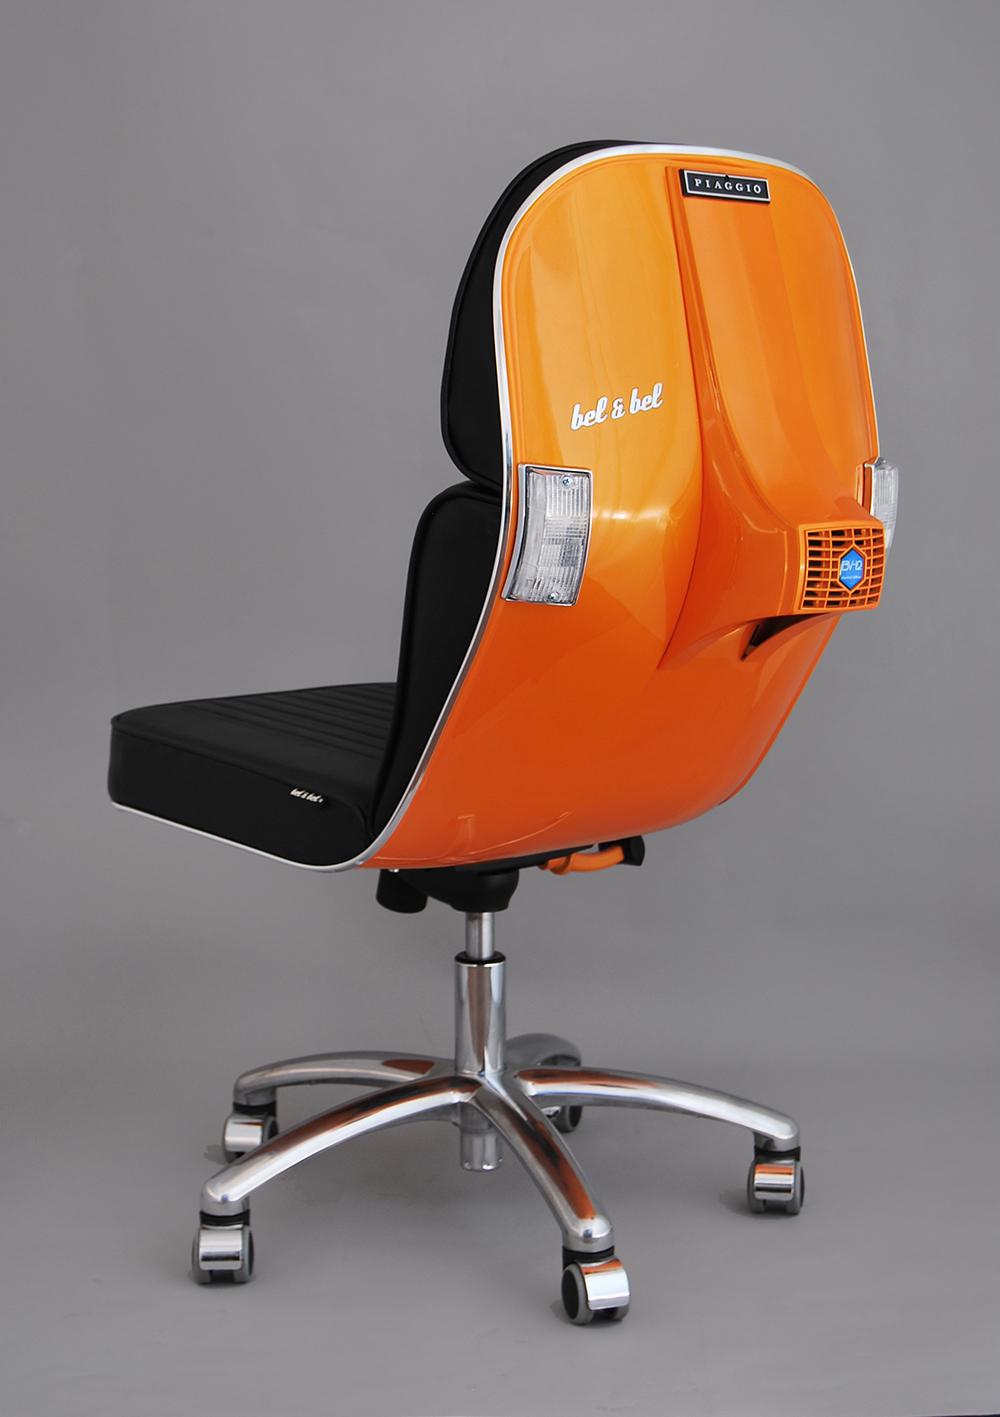 bel&bel. vespas antiguas, sillas molonas